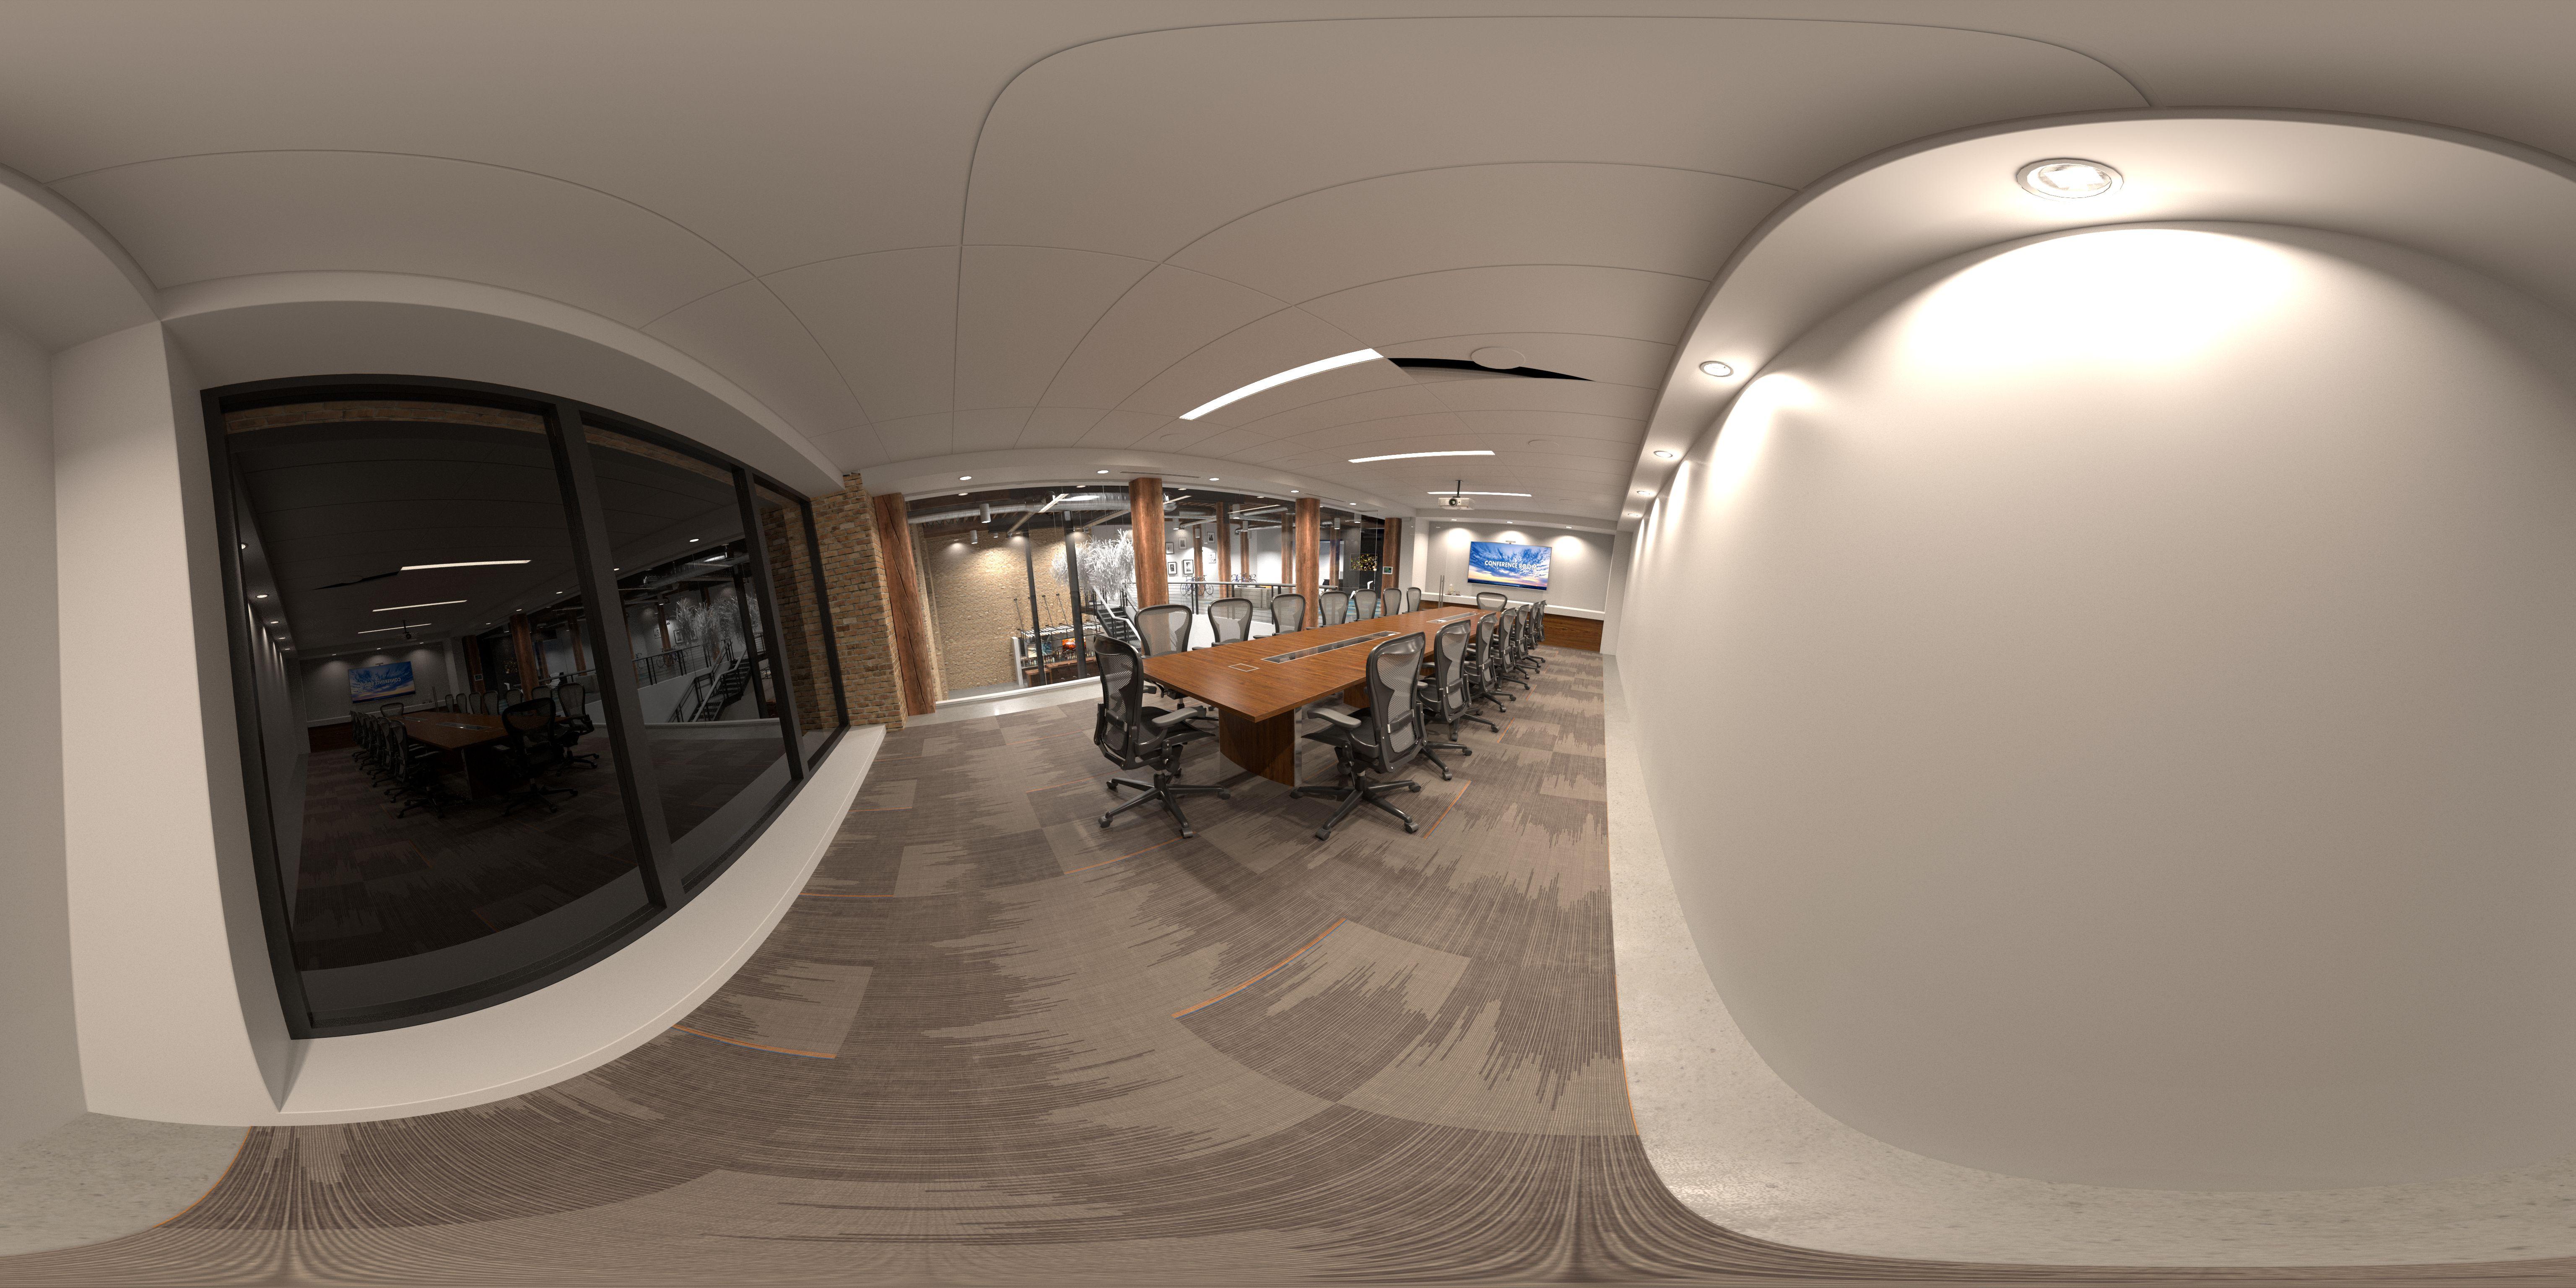 Vive Focus, Unity stereoscopic skybox (WaveVR)? - Unity Forum